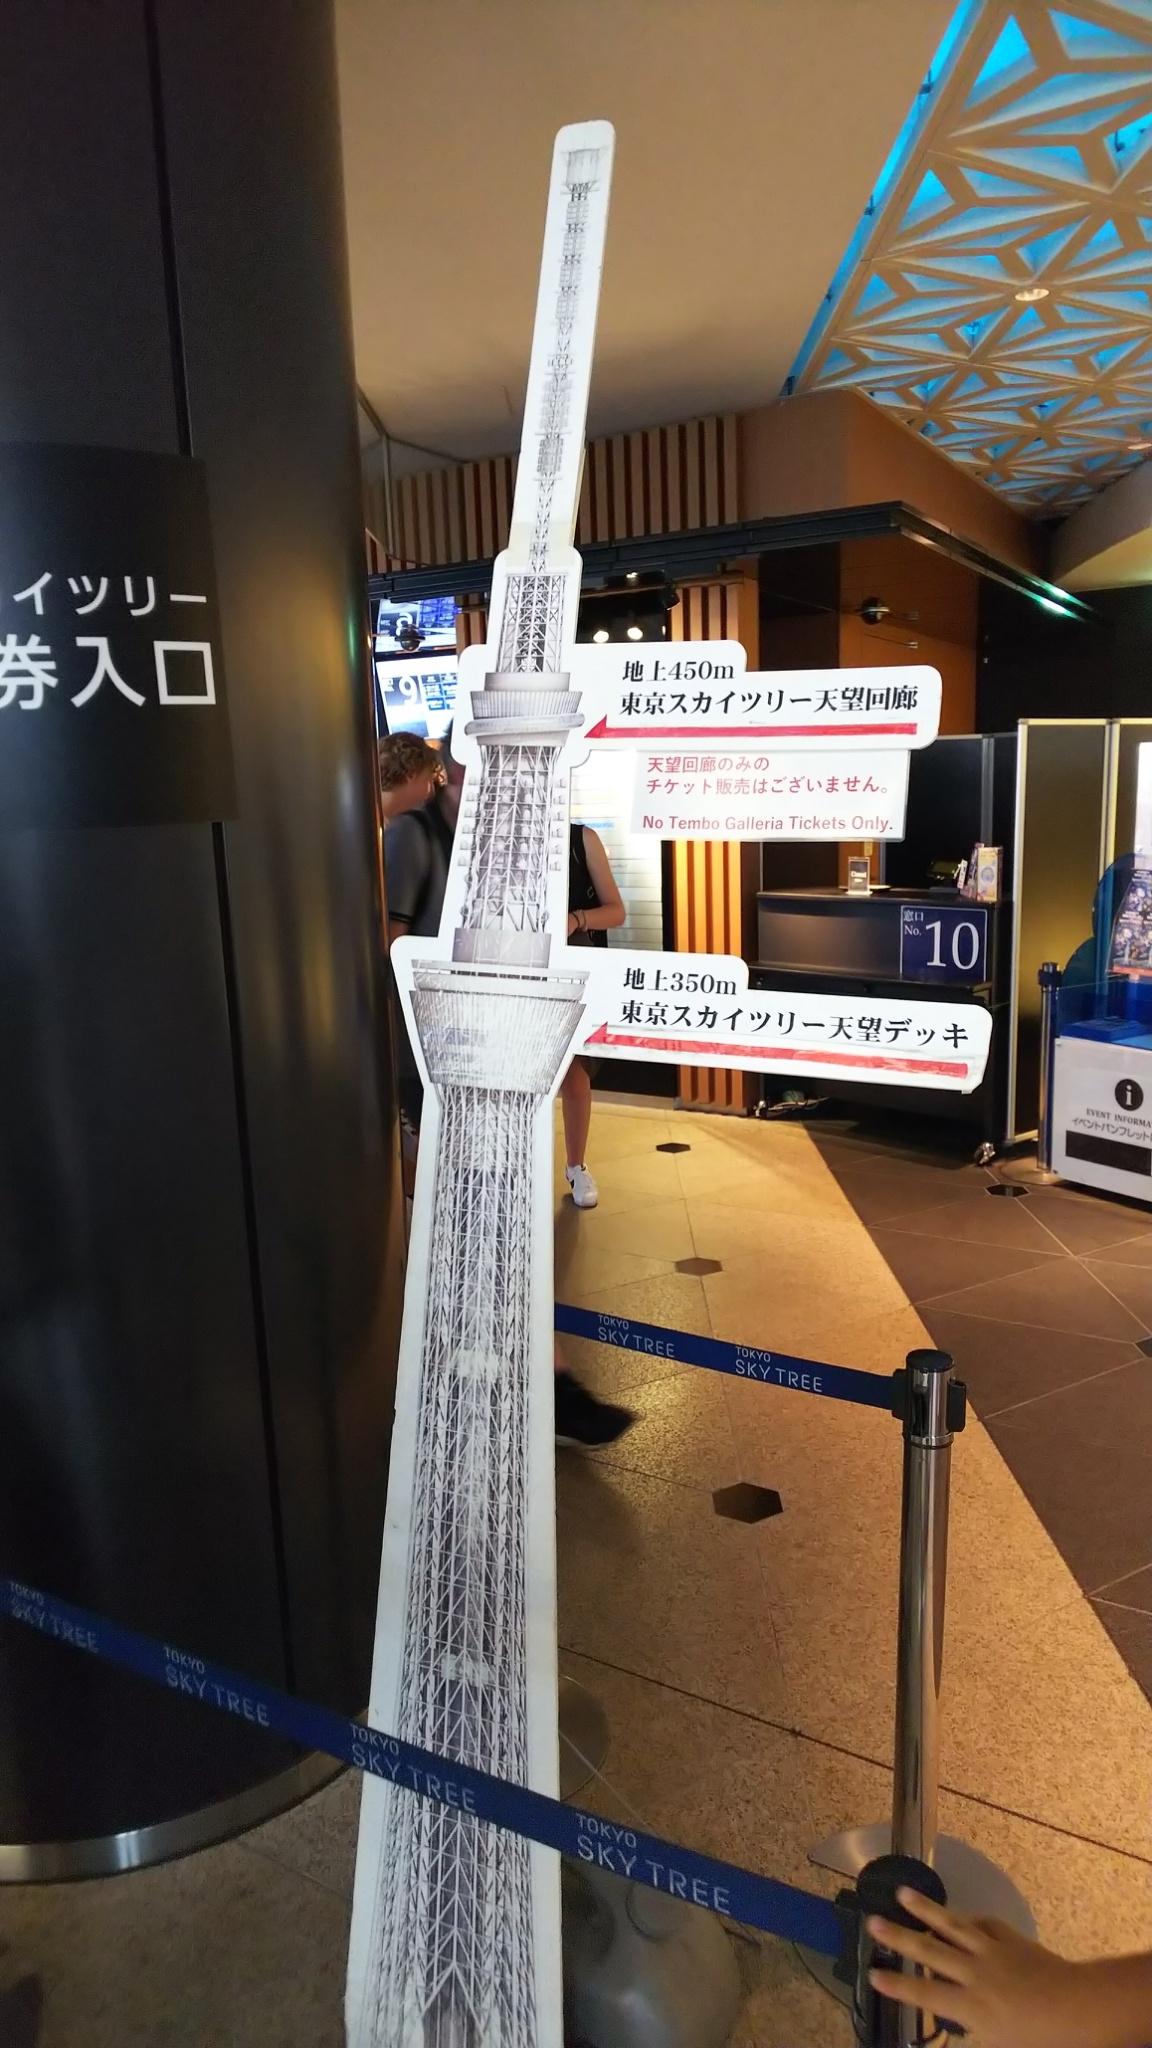 マクラーレン650Sをシェアし、カノくん東京スカイツリーデート。「深川宿」:東京 深川